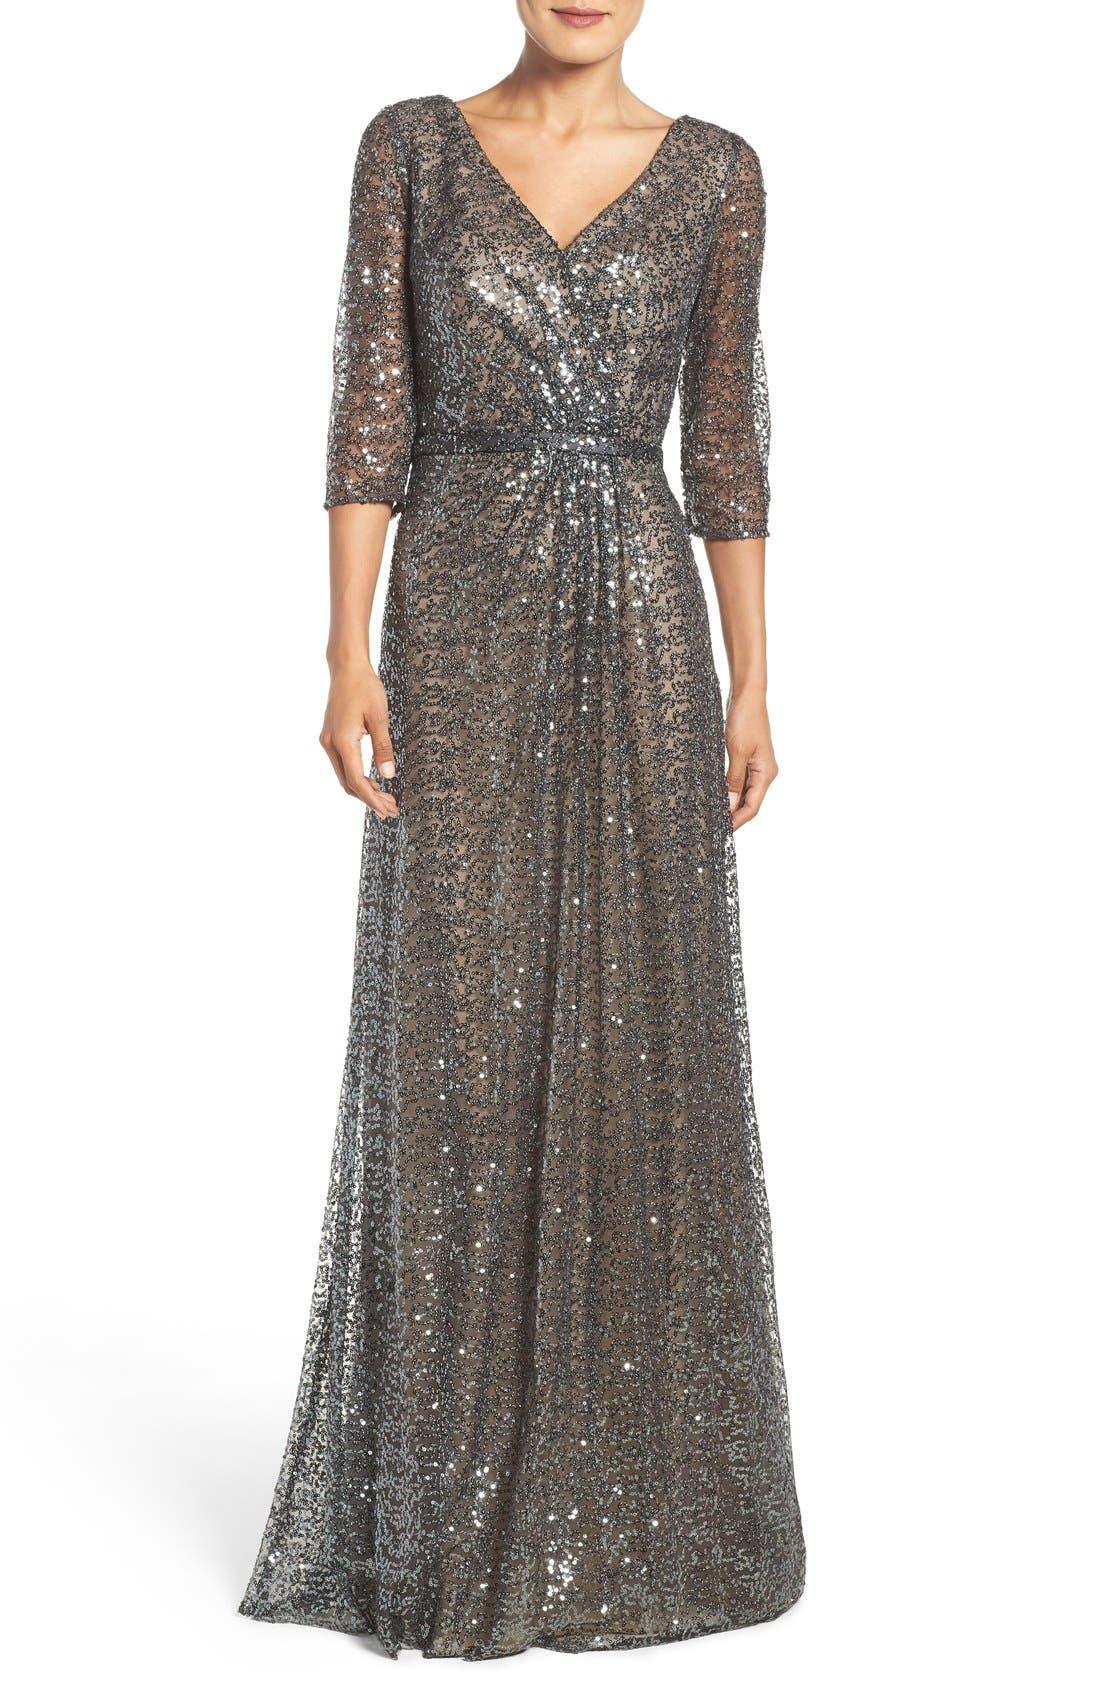 Main Image - La Femme Sequin Mesh Gown